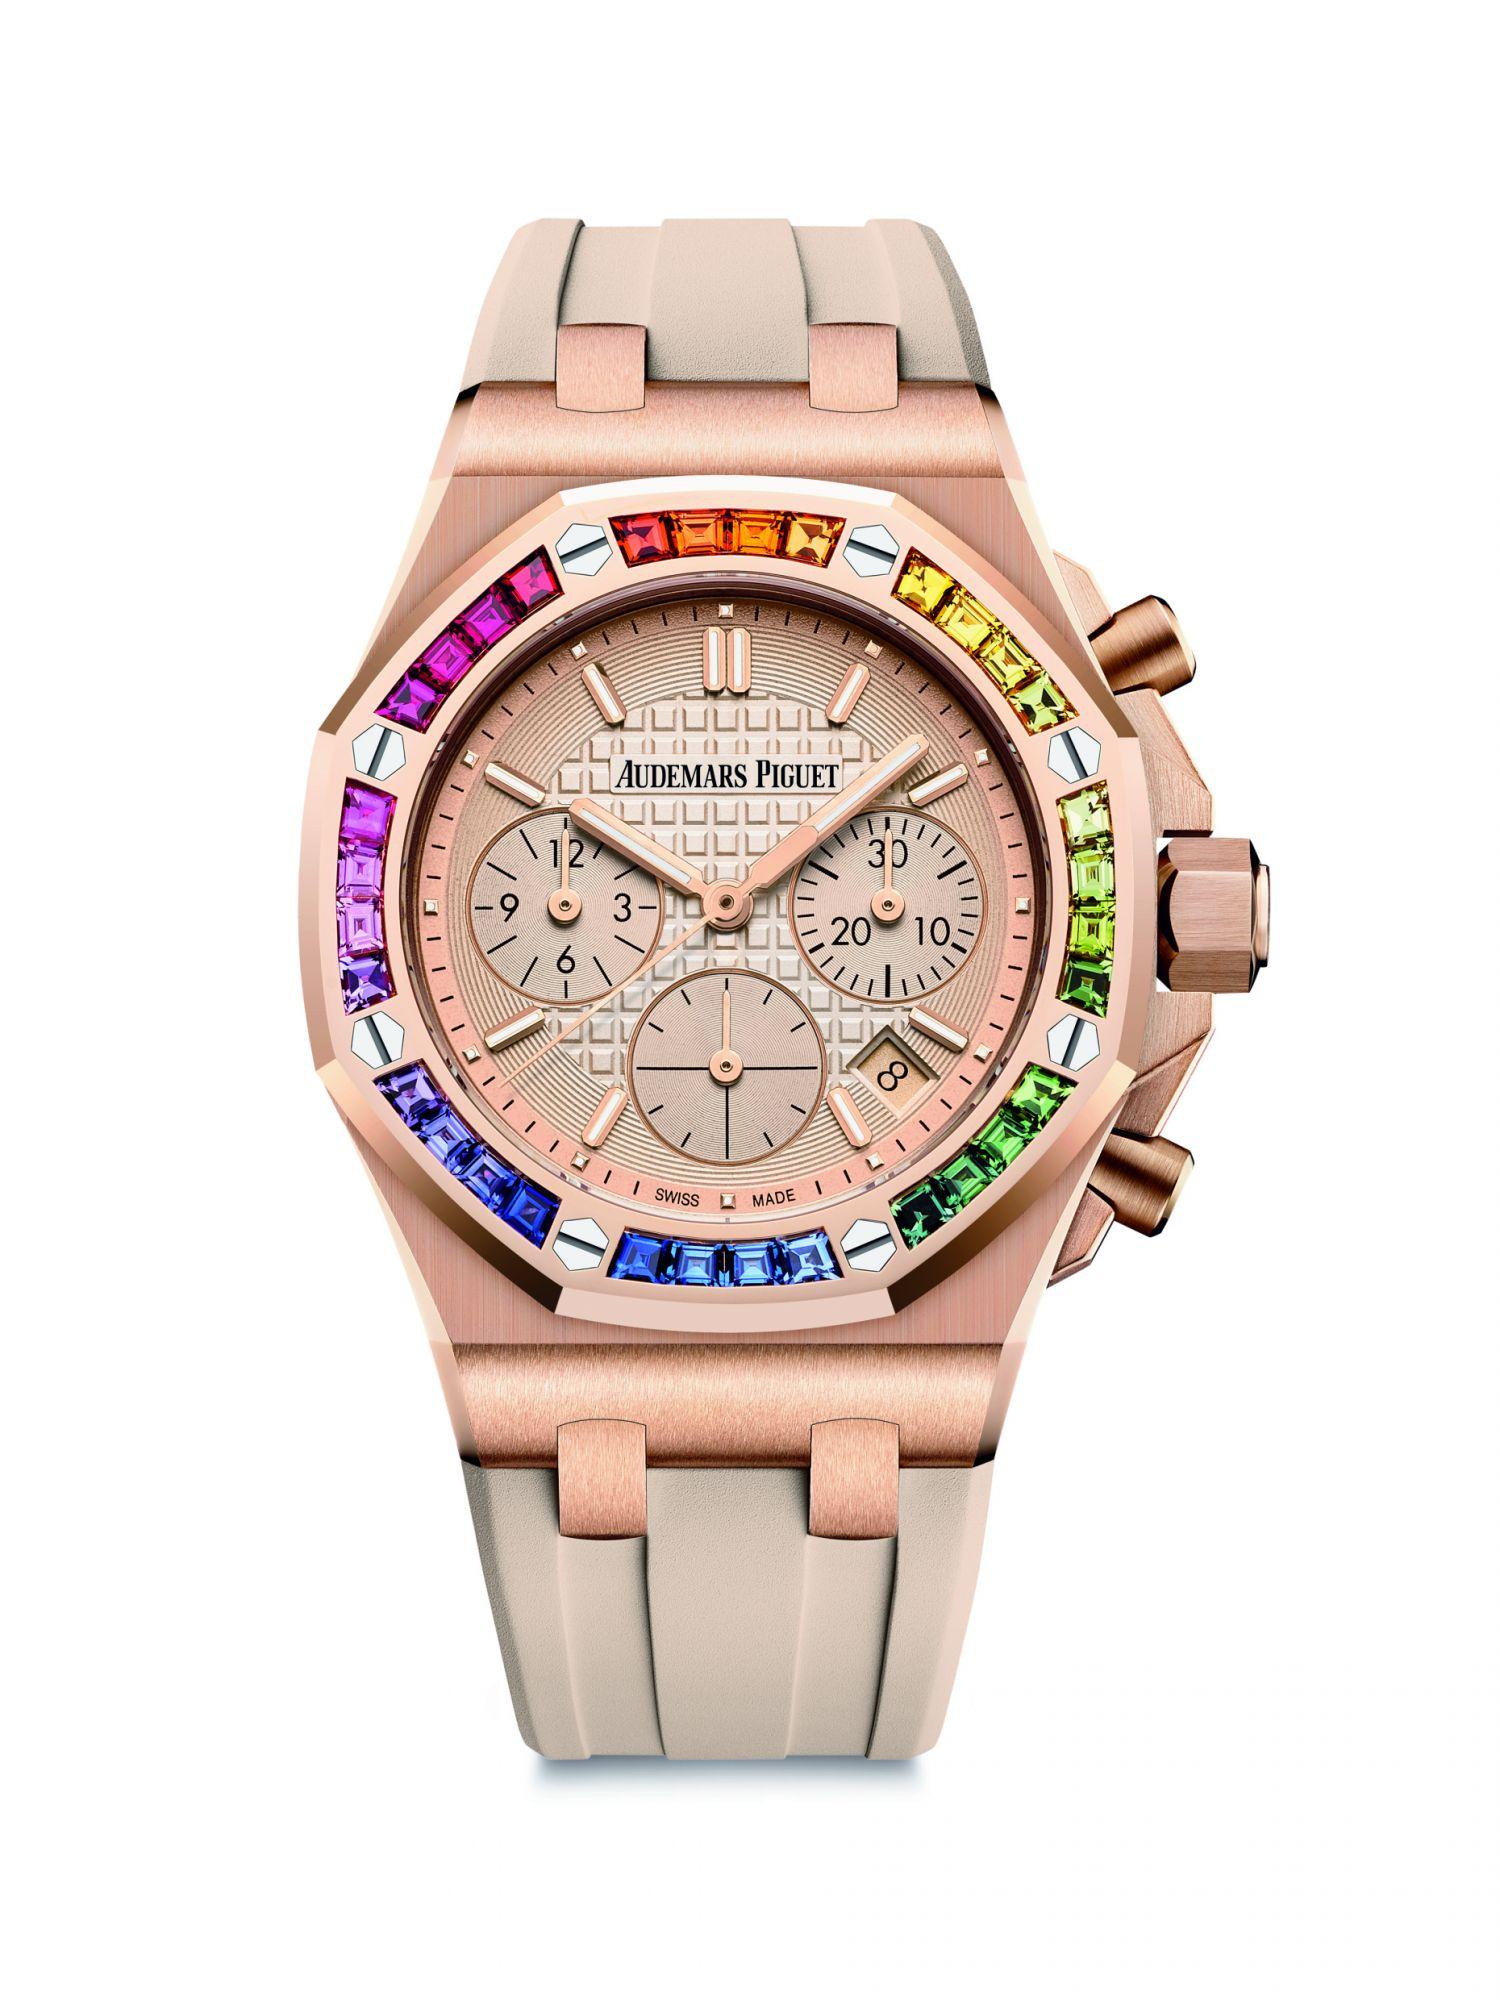 皇家橡樹離岸型系列自動上鍊計時碼錶by Audemars Piguet。